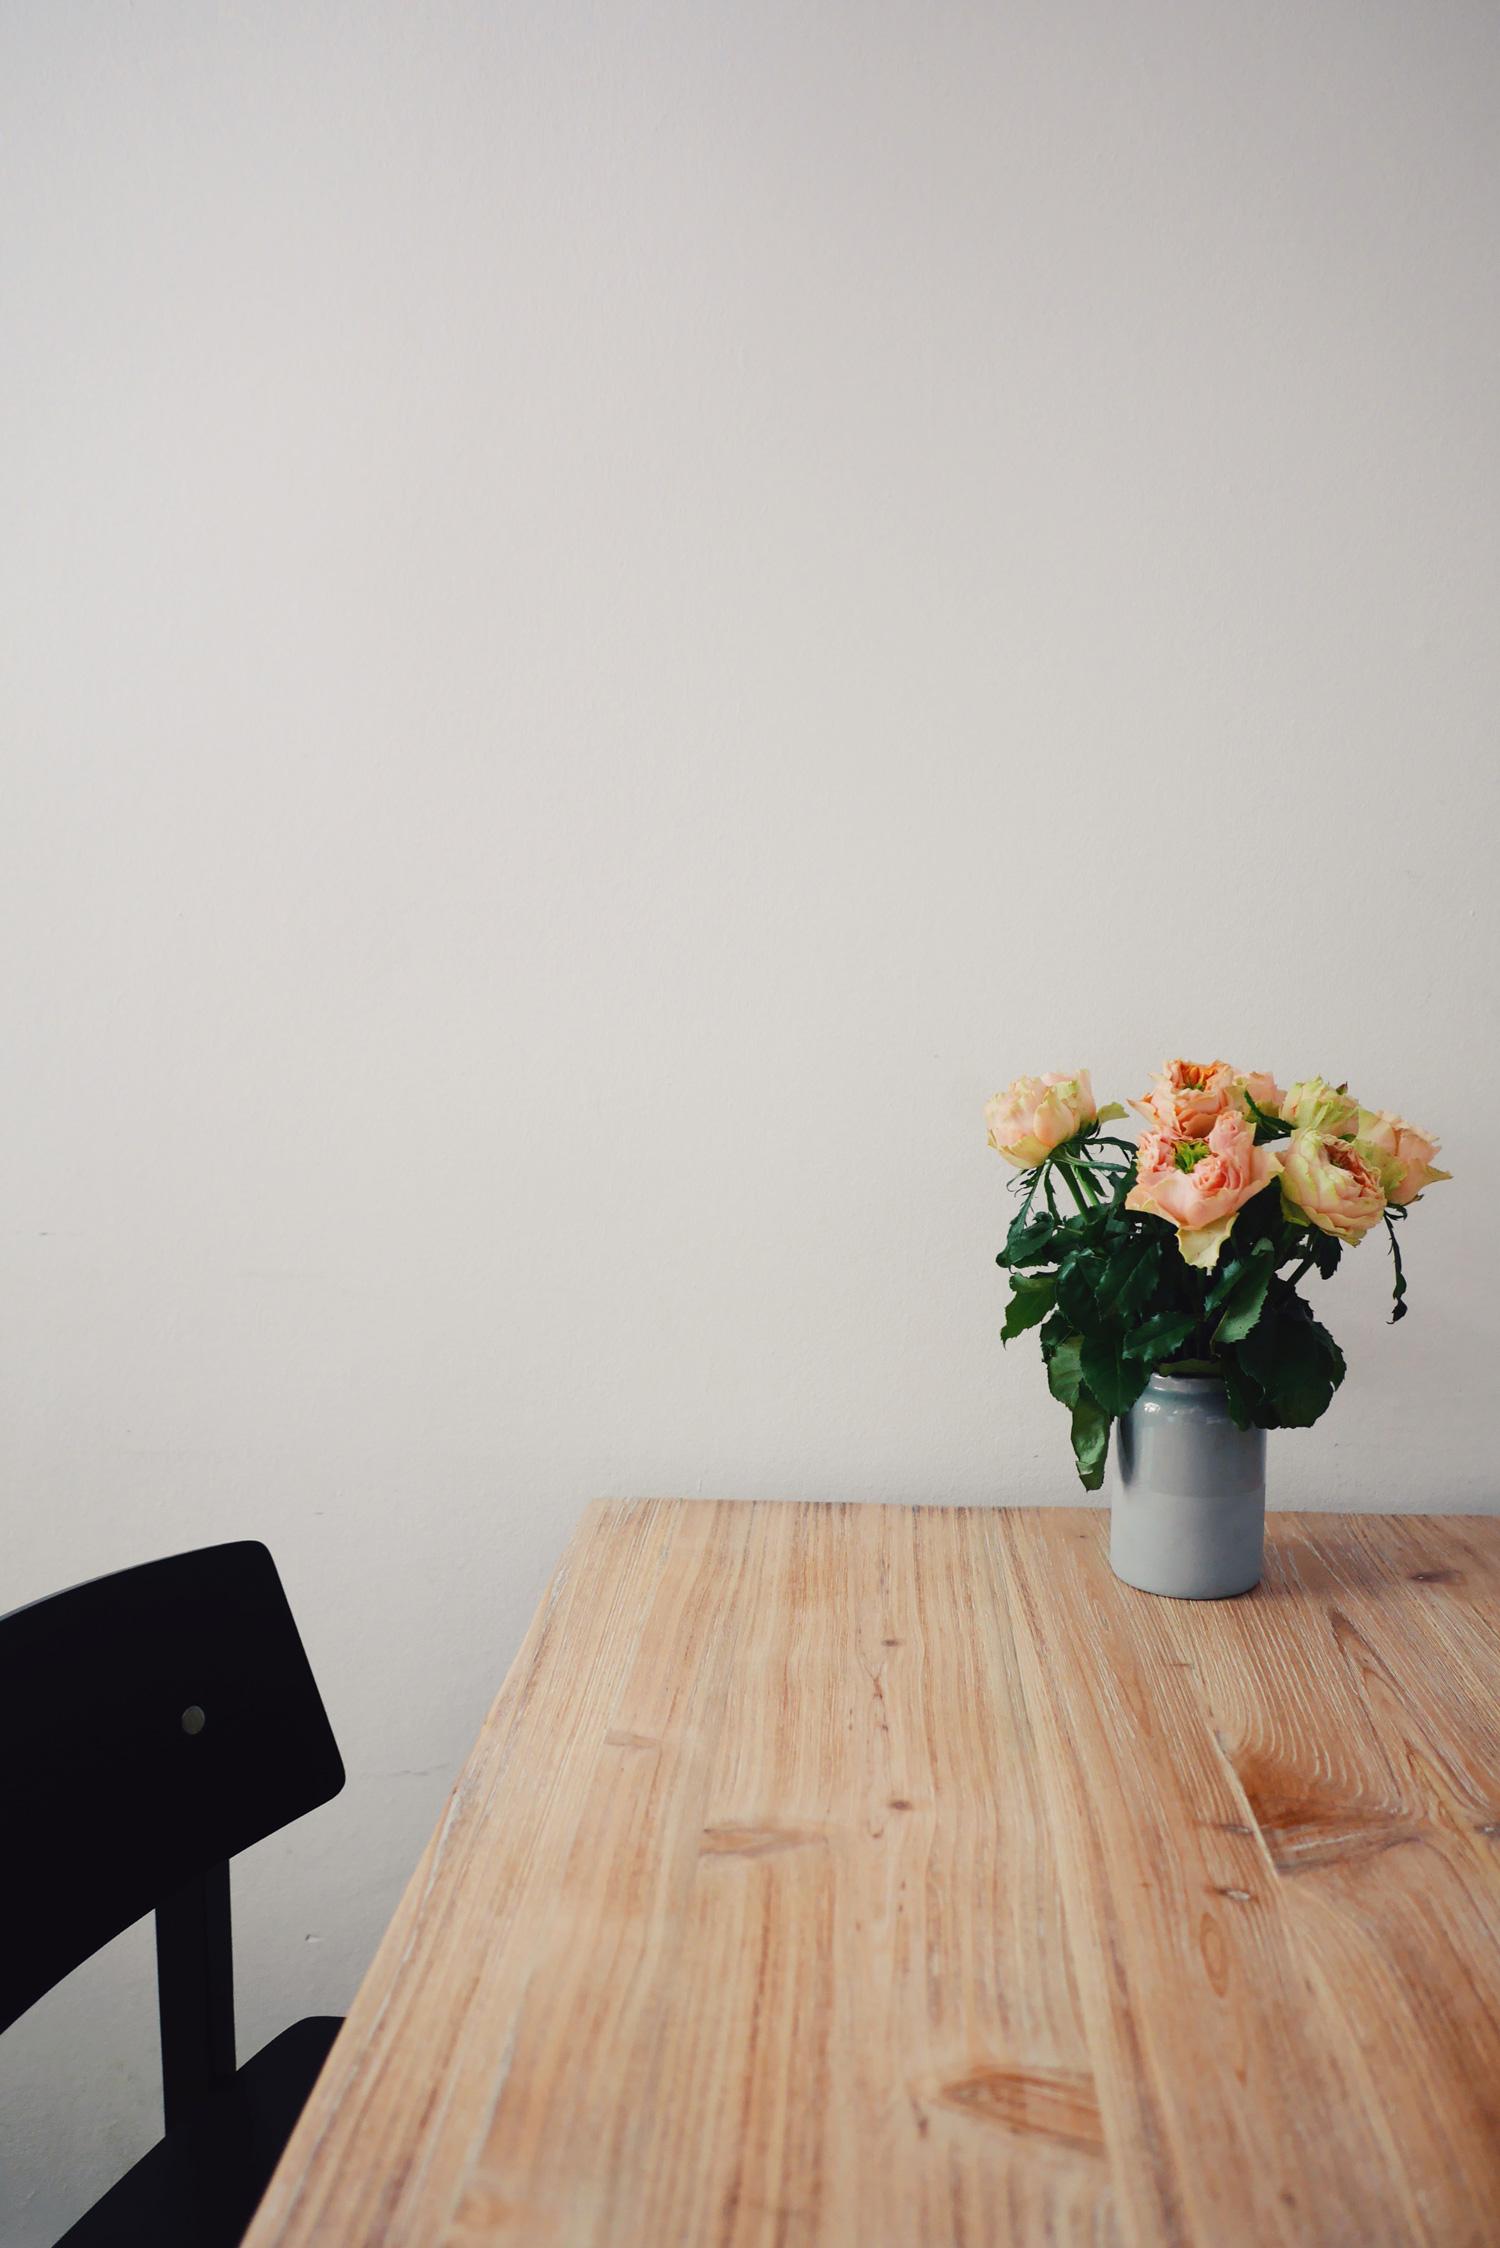 Kreativ arbeiten: 3 Schreibtisch Alternativen | A HUNGRY MIND